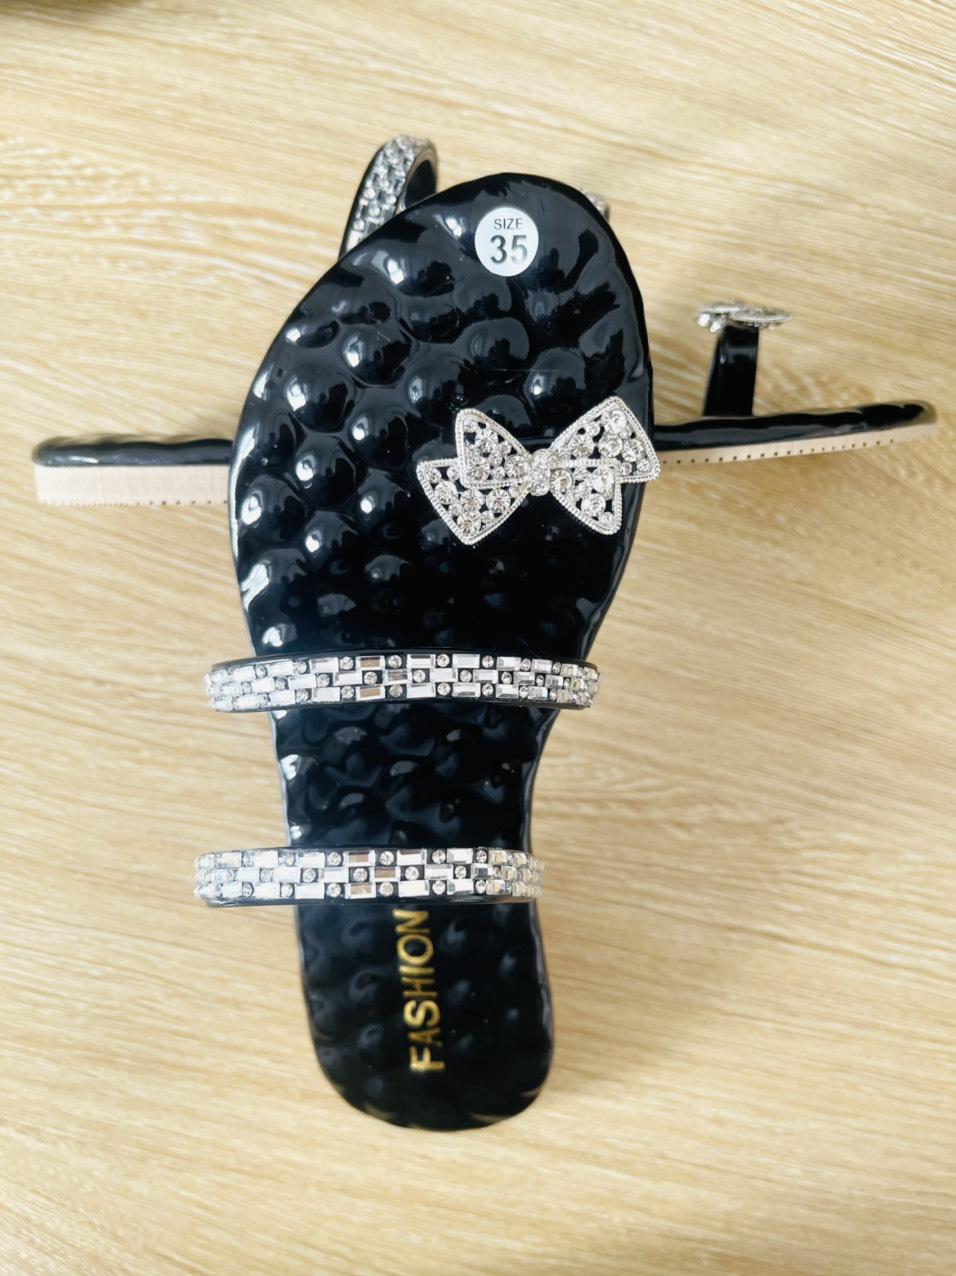 Dép nữ xỏ ngón gắn khóa 2 dây quai ngang cực đẹp, chống thấm hút mồ hôi